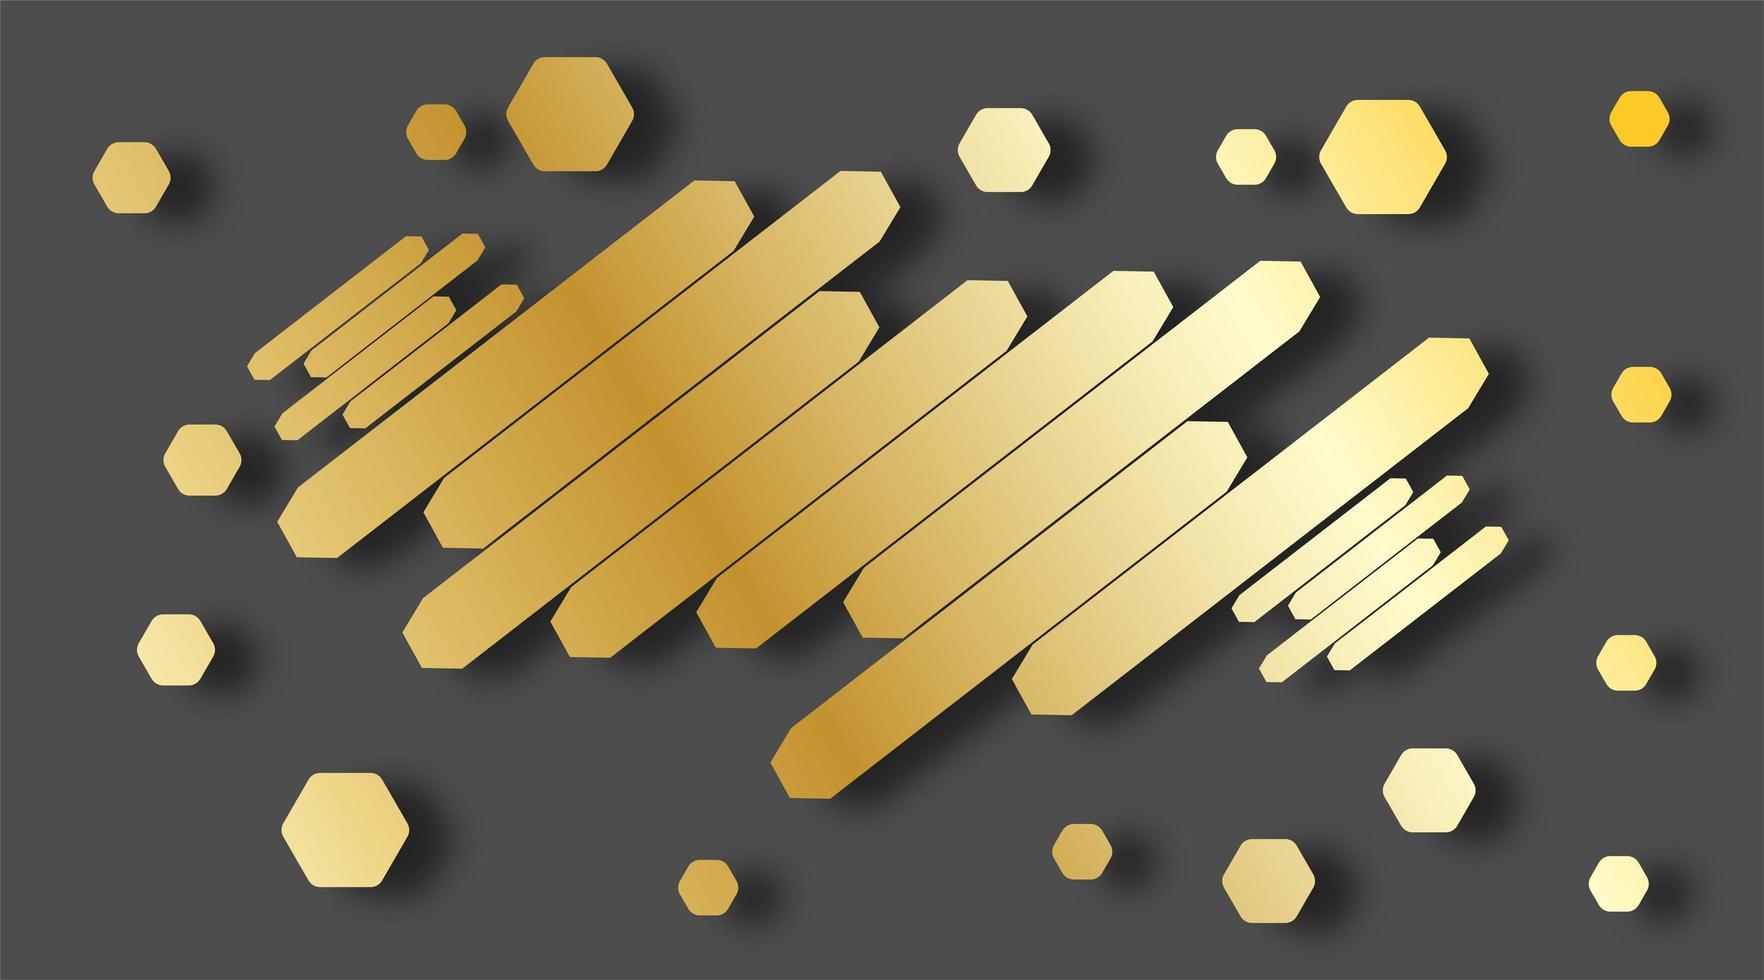 moderner abstrakter Stil mit Komposition aus verschiedenen parallelen goldenen Sechsecken. Vektorillustration. vektor